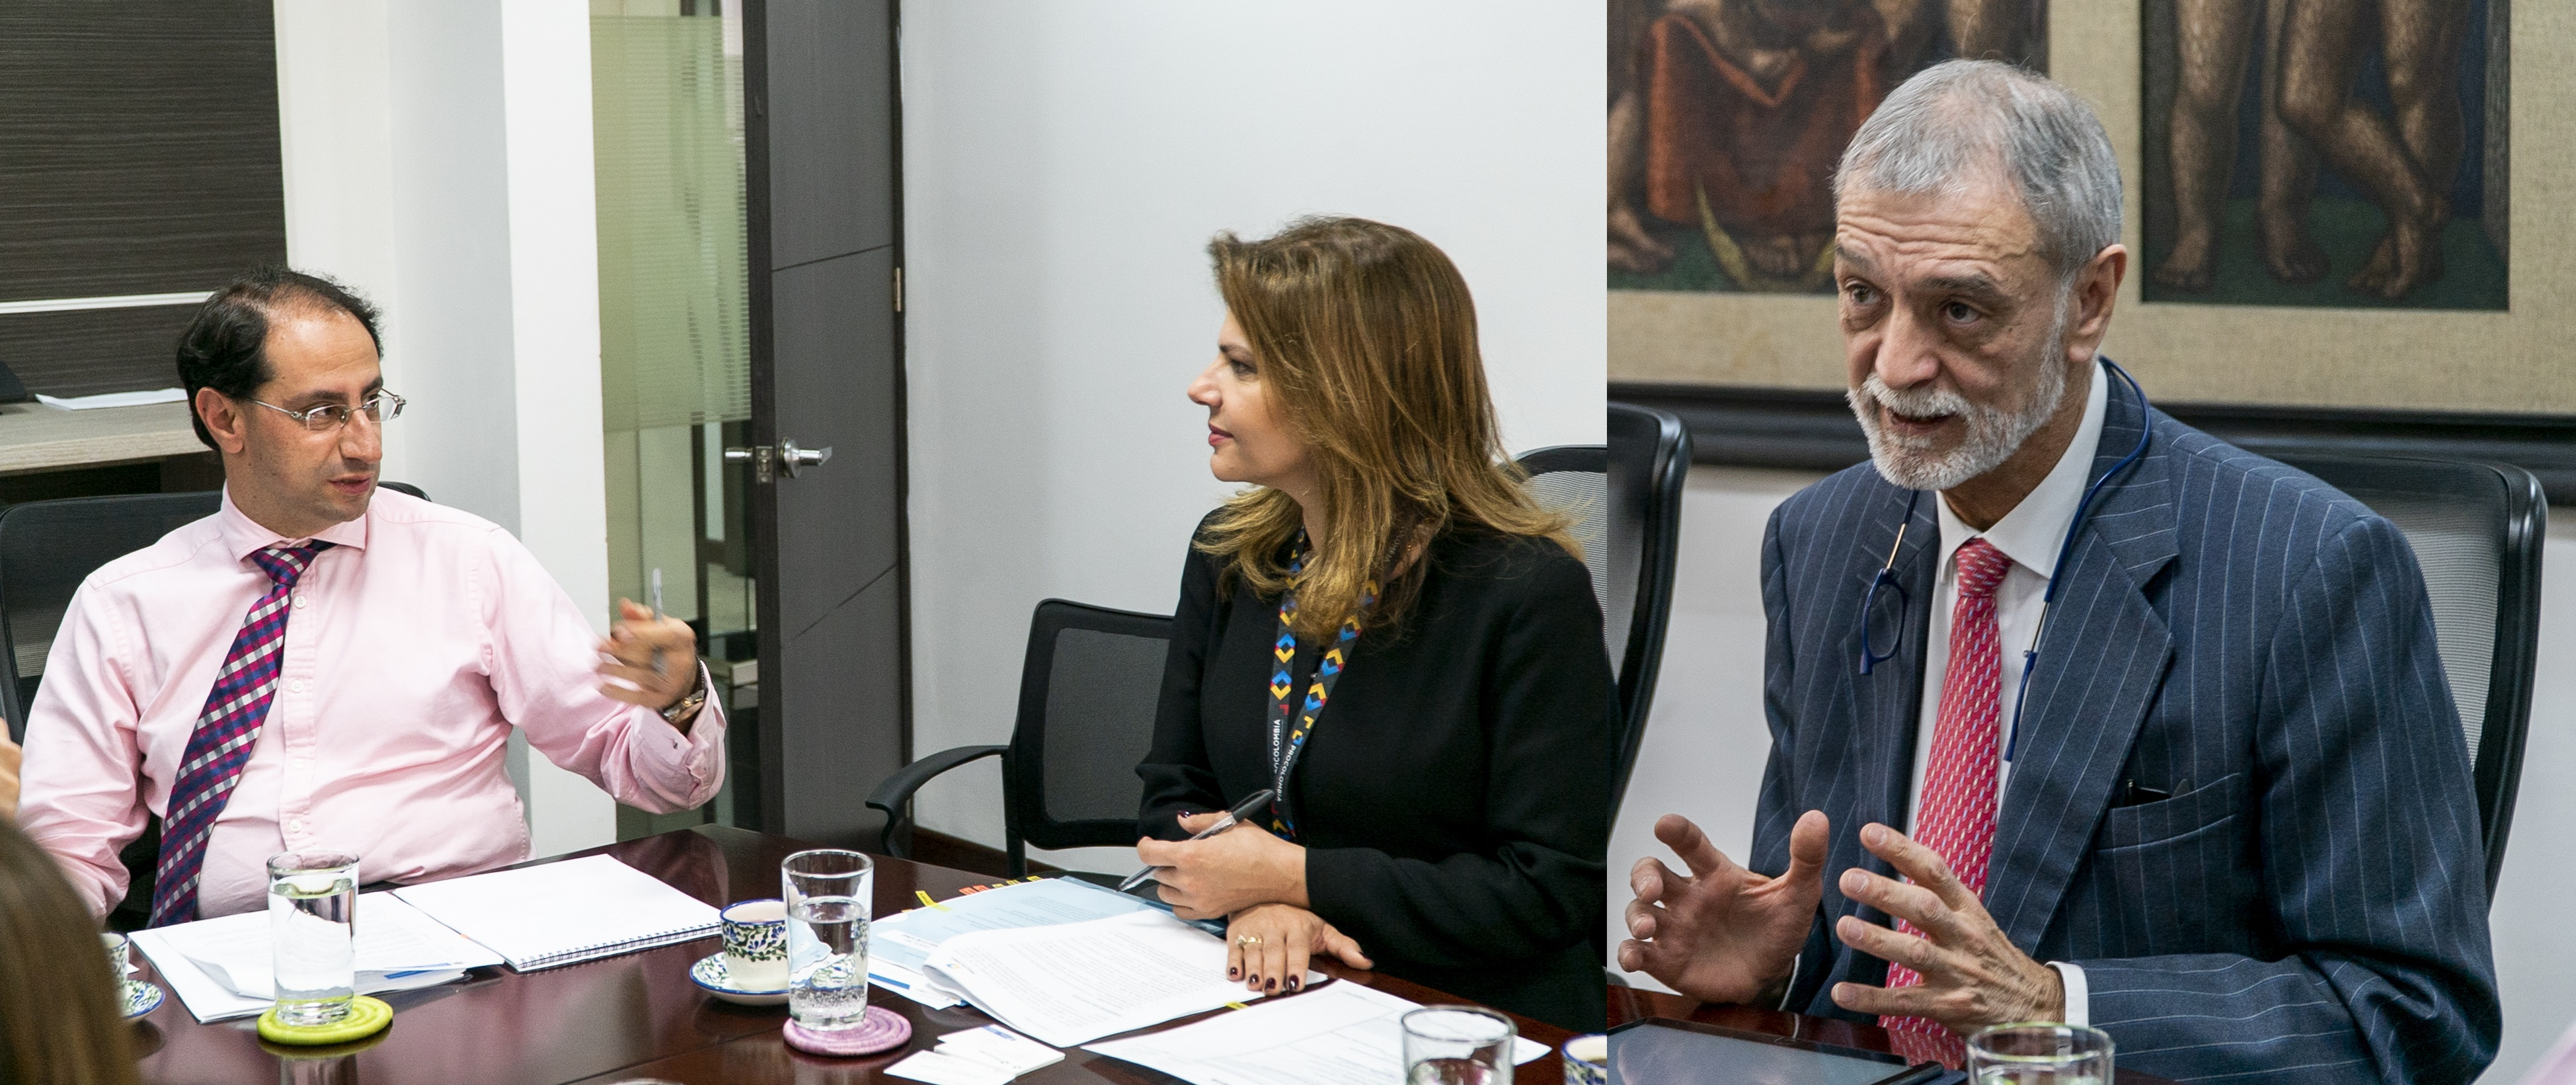 VI Expo ALADI tiene convocatoria para octubre. Latinoamérica se reunirá en Bucaramanga | Local | Economía | EL FRENTE